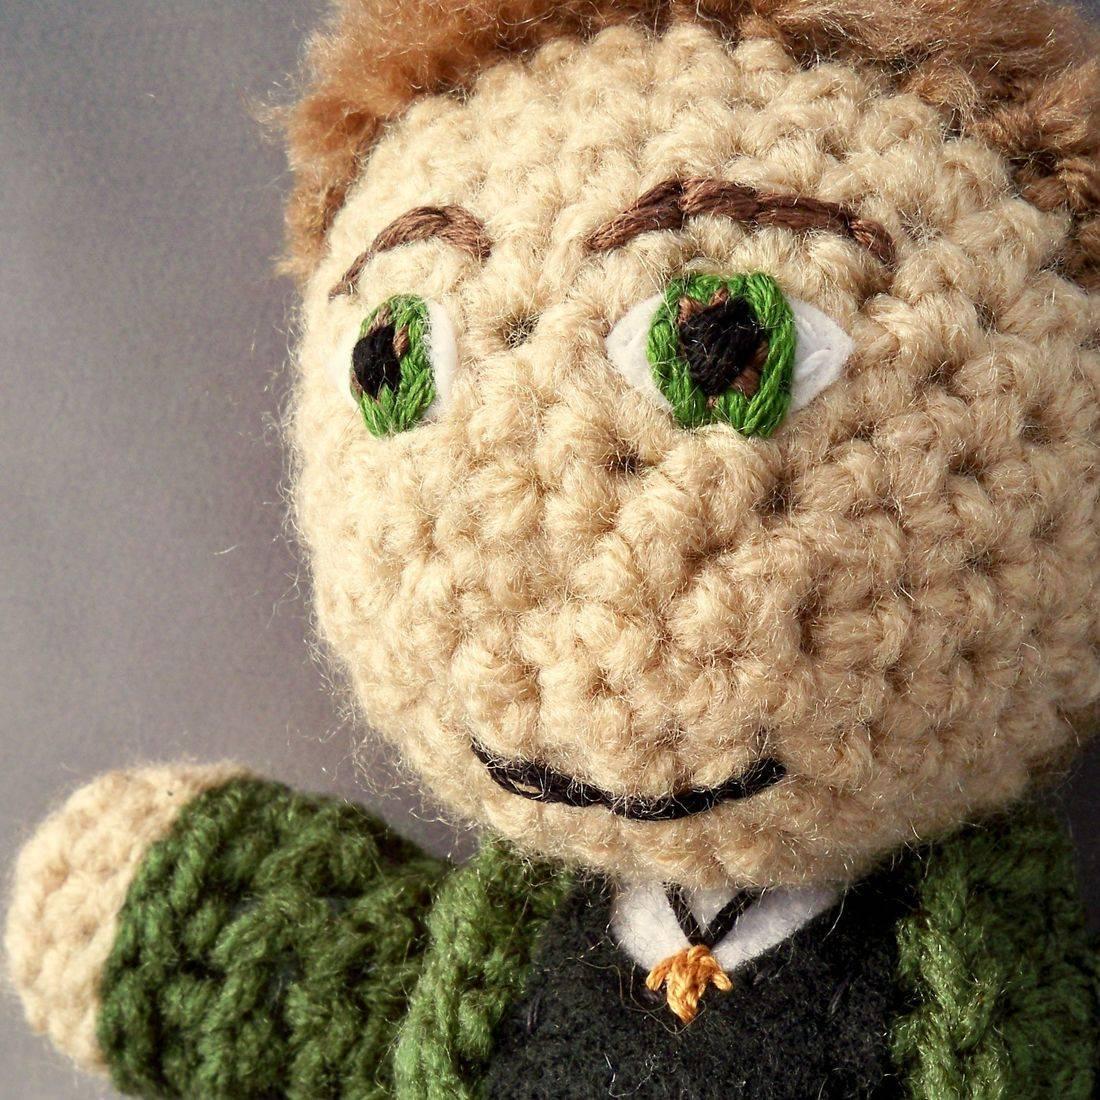 Dean Winchester, Supernatural, hunter, amigurumi, plush, doll, crochet, handmade, nerd, geek